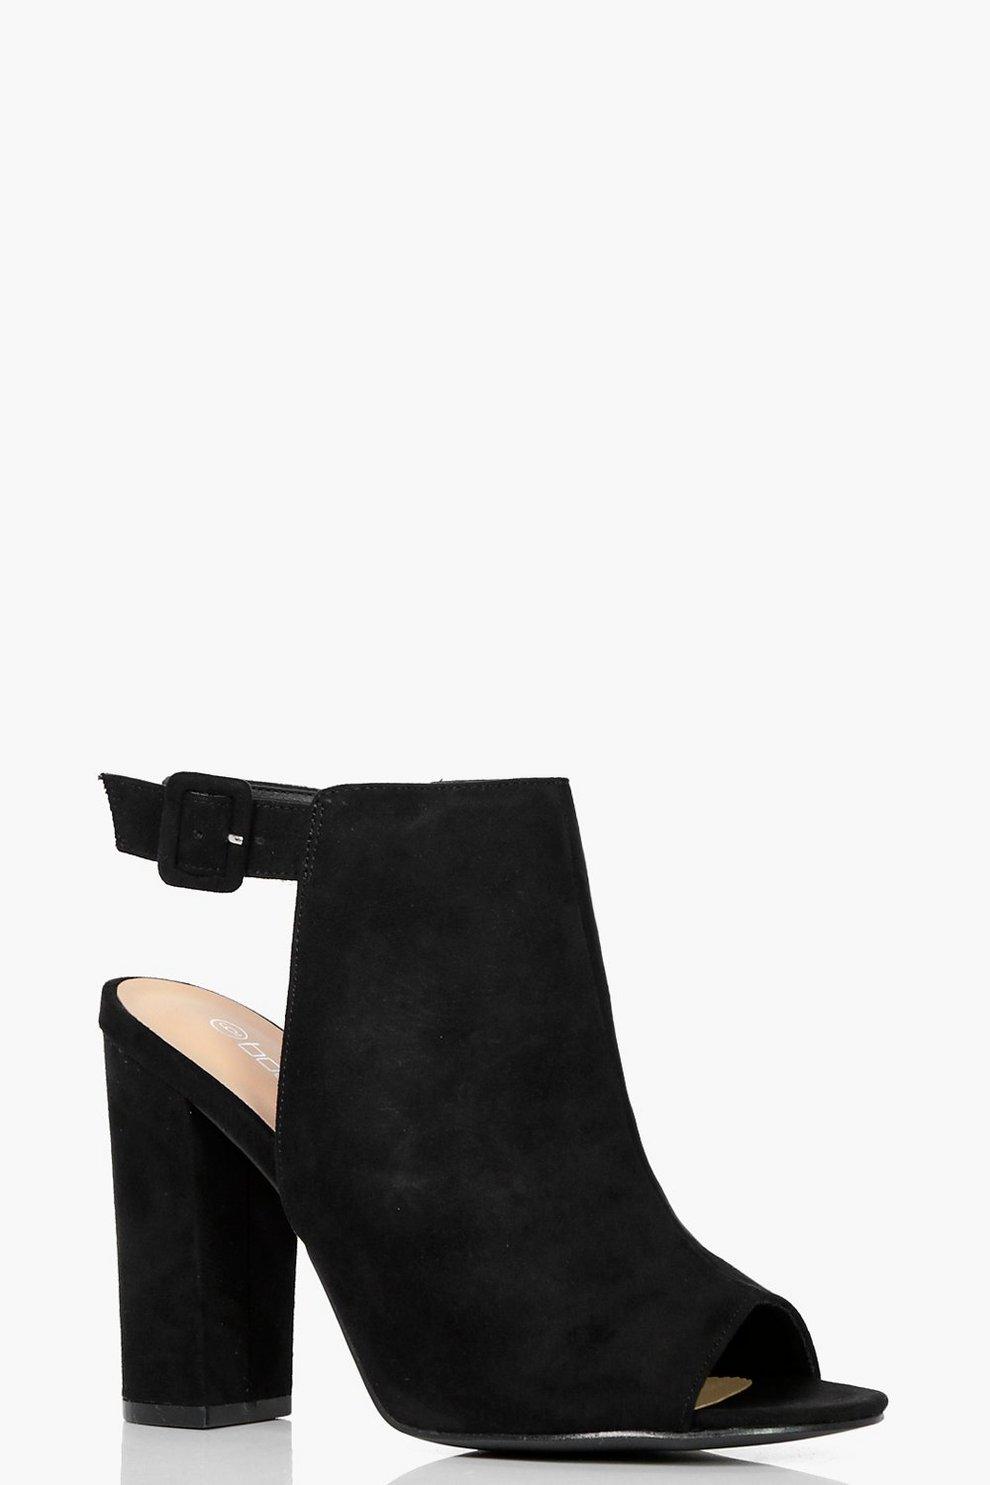 Zapatos negros de punta abierta Boohoo para mujer ZhquELg